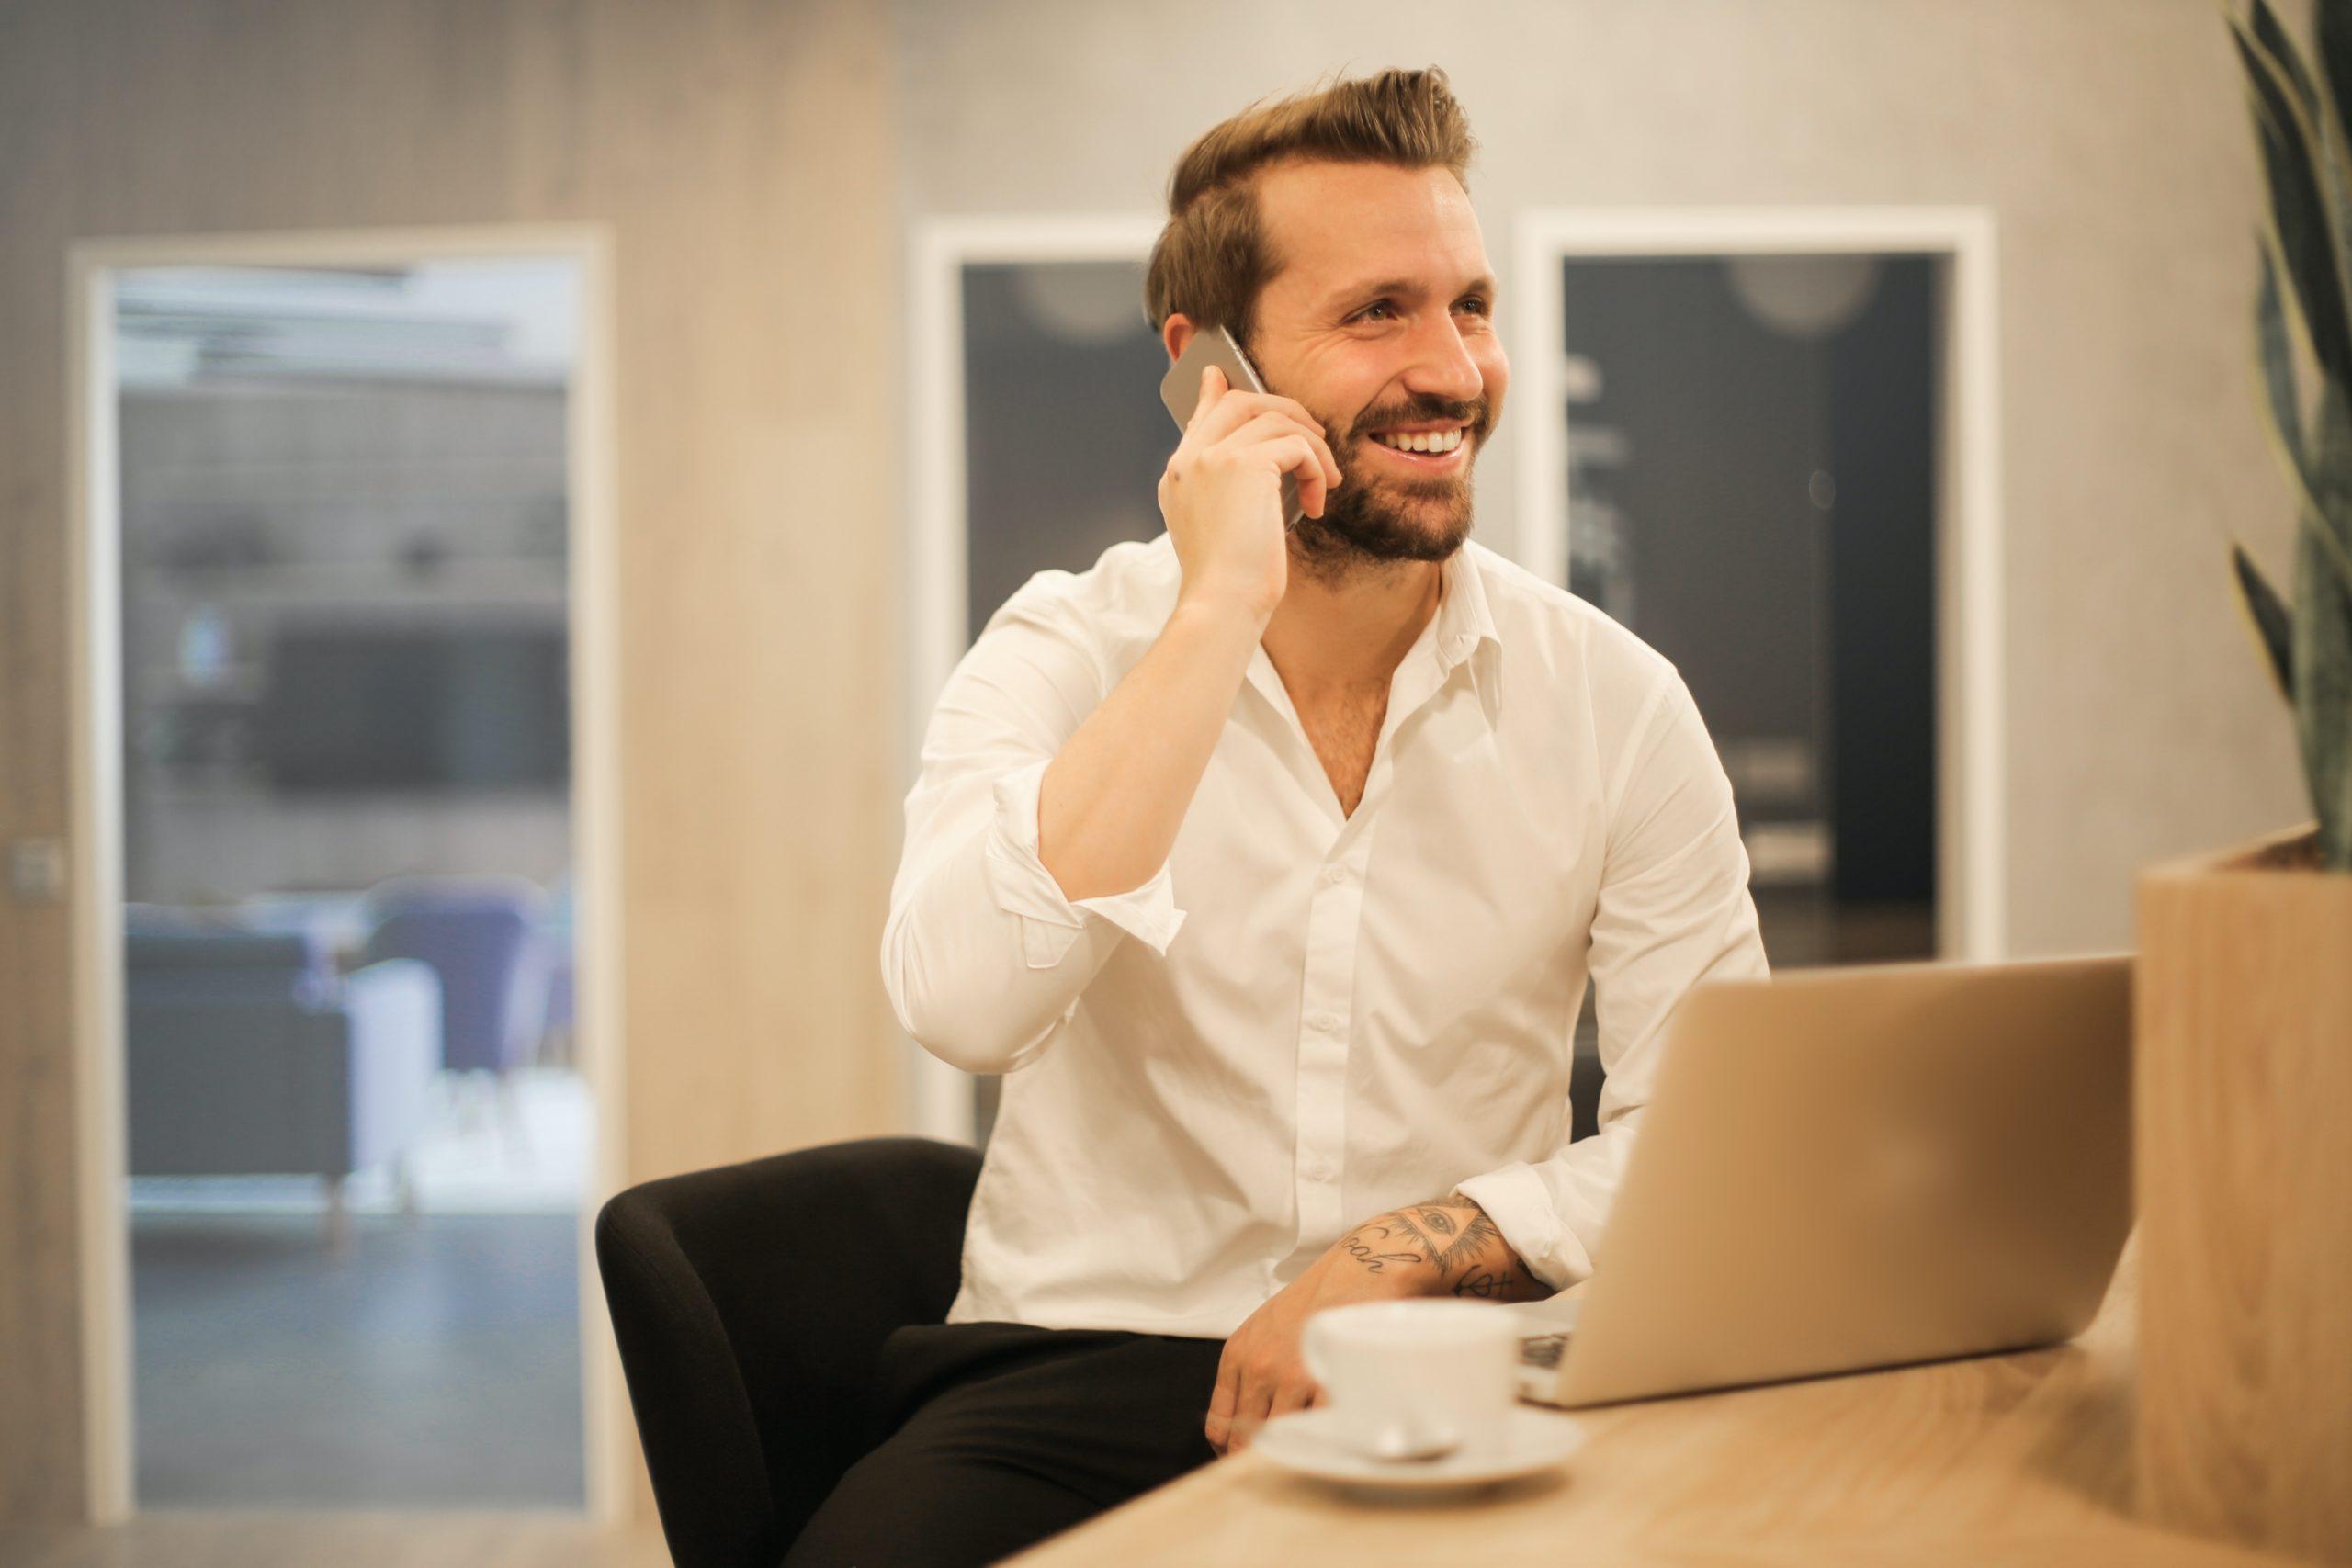 Retour du client, mission de finance, remplacement en attendant un recrutement